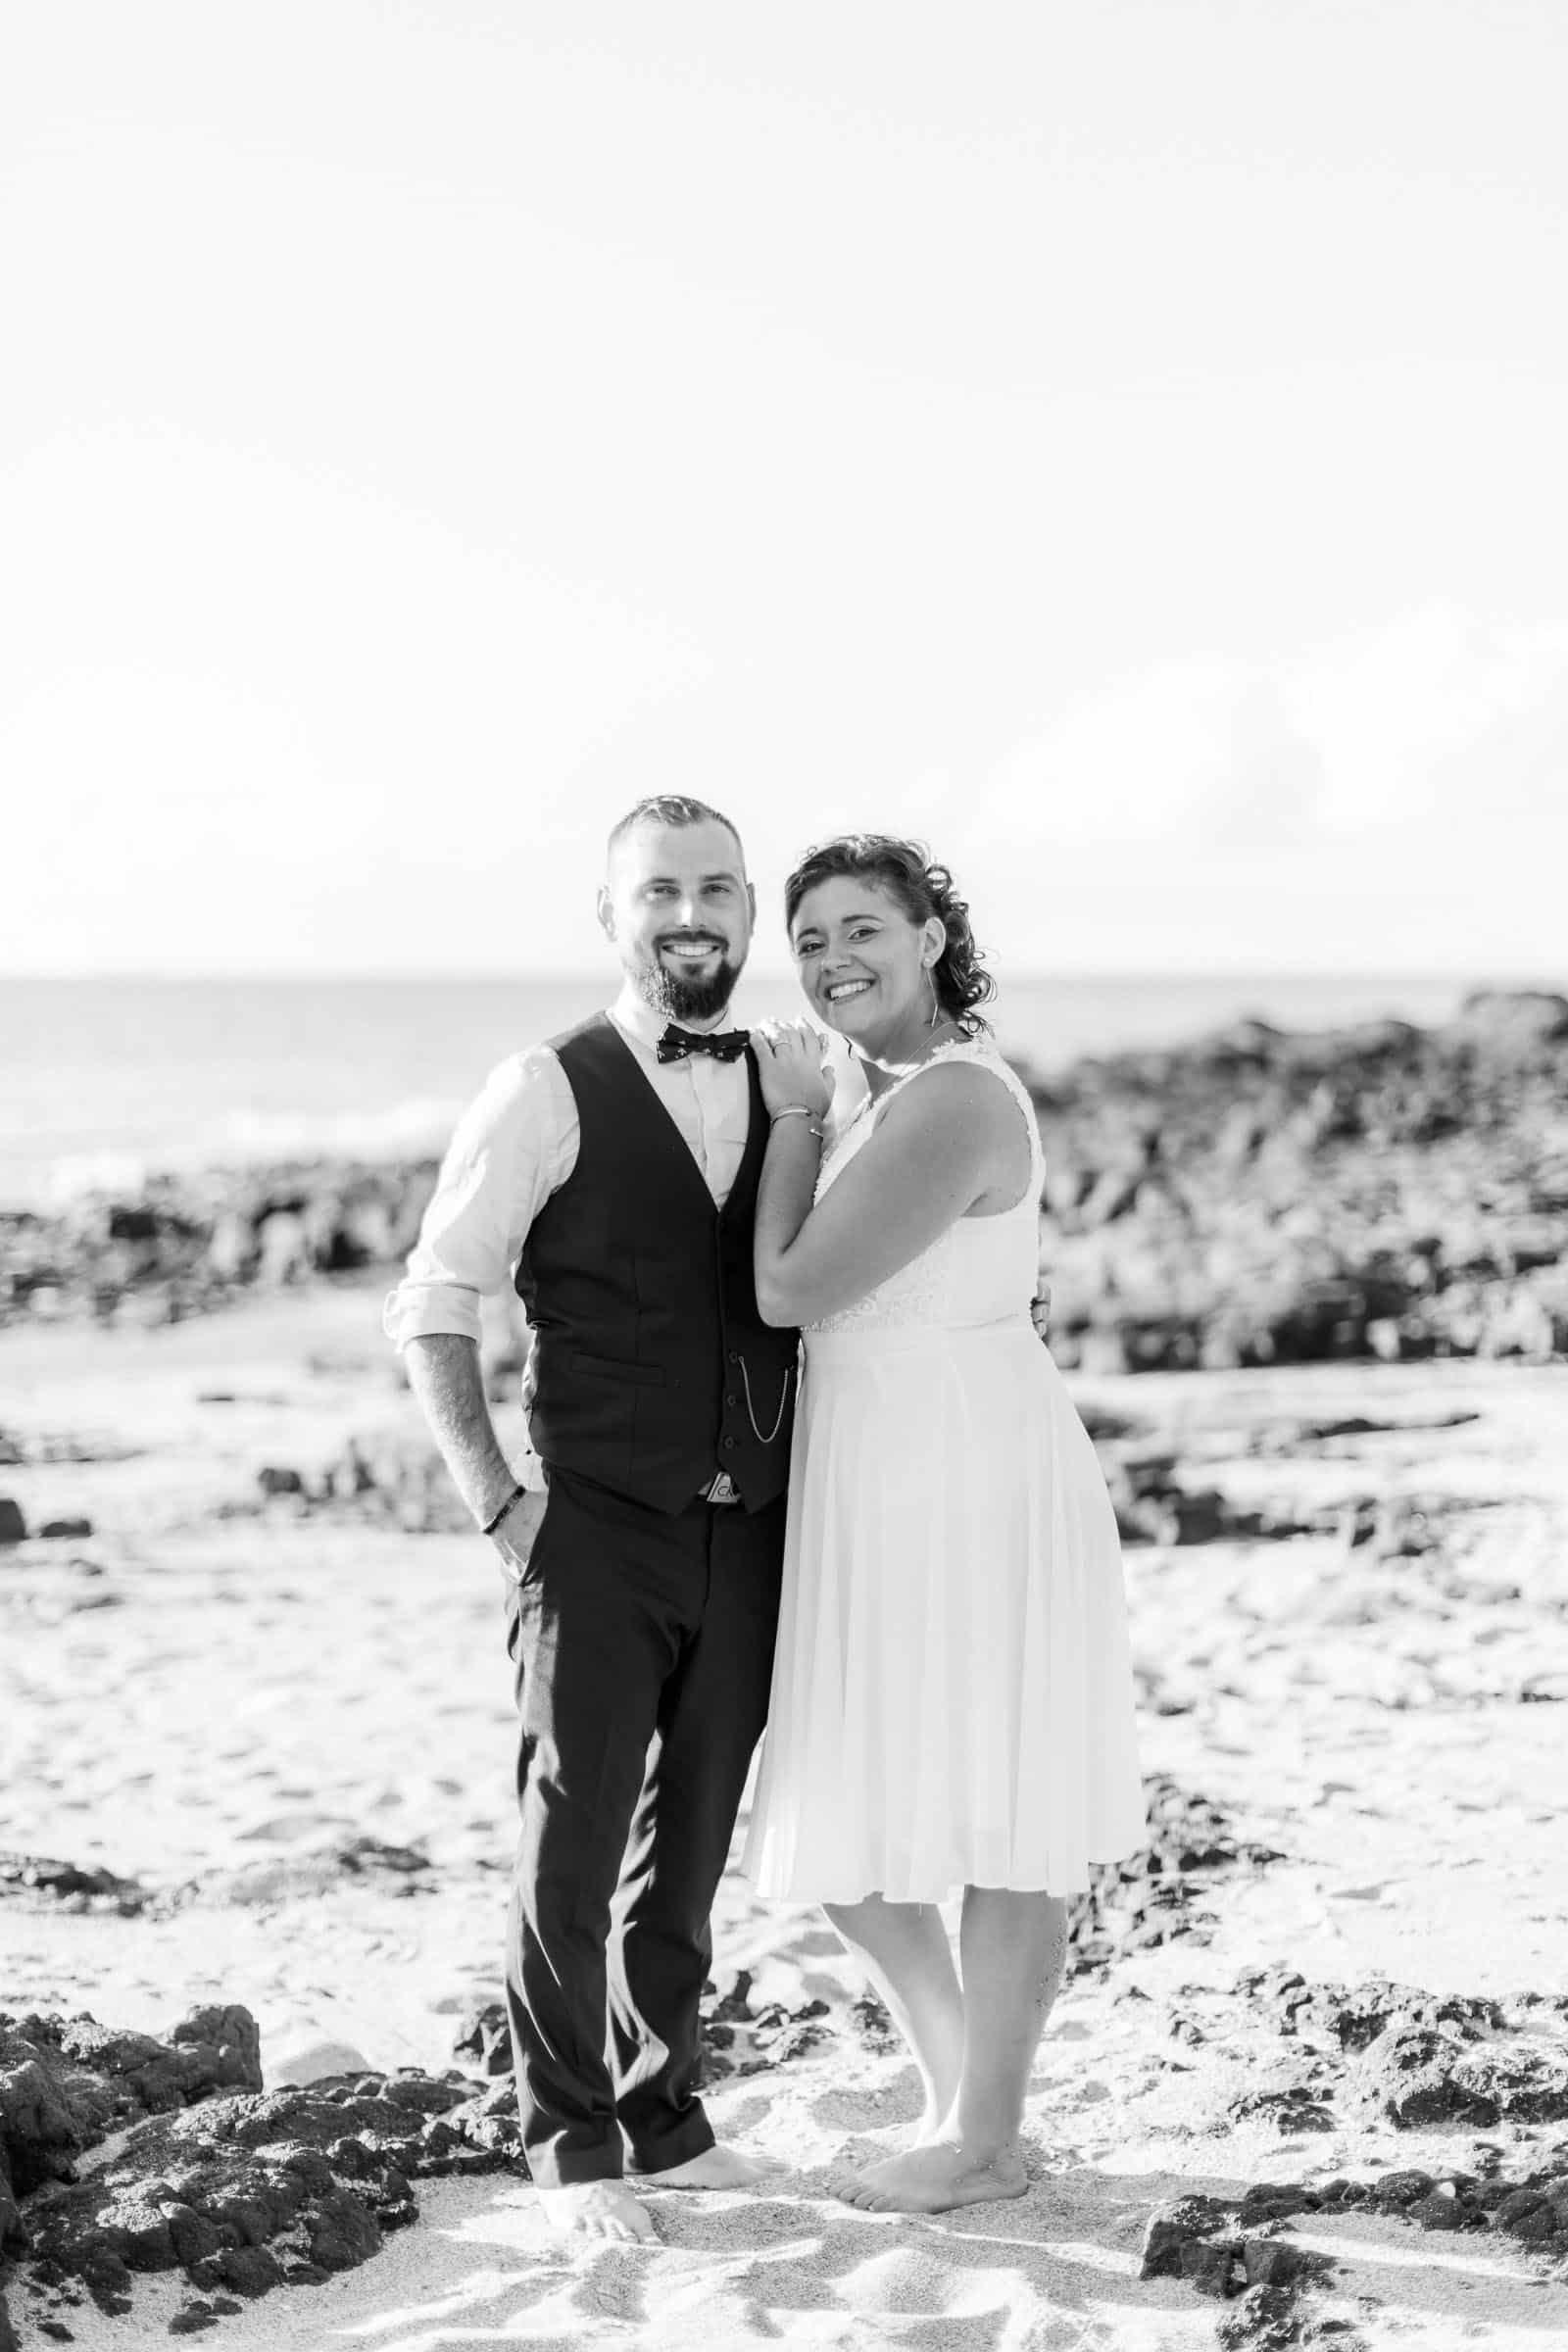 Photo de Mathieu Dété lors d'un mariage sur l'île de la Réunion 974, au Cap La Houssaye, avec un portrait des mariés en noir et blanc les pieds dans le sable de l'Océan Indien